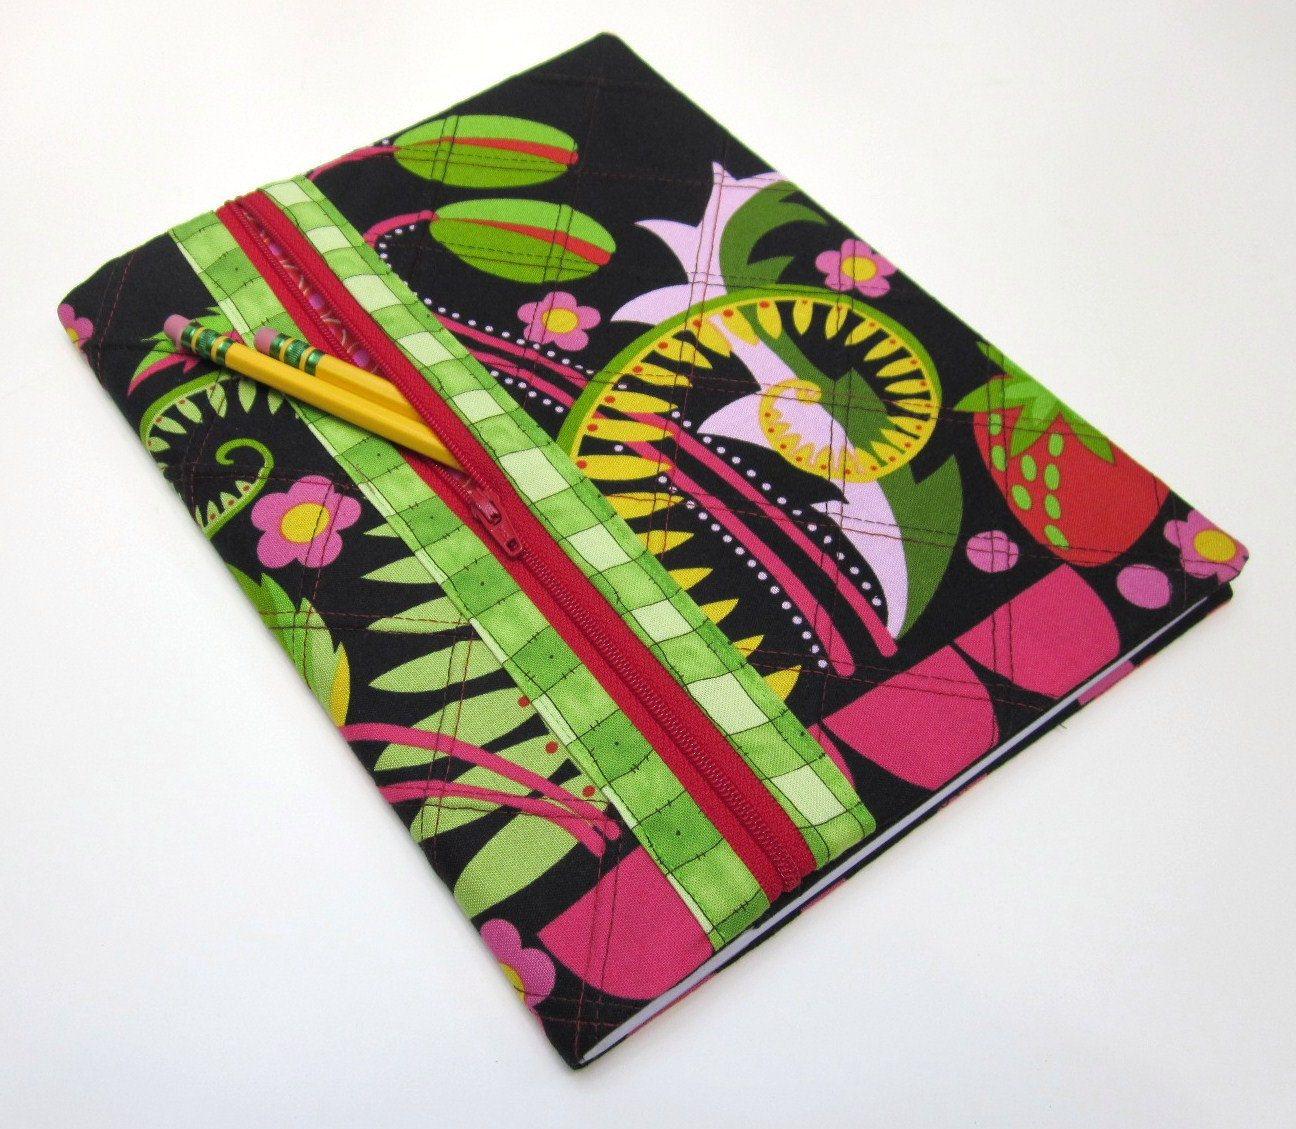 Composition Notebook / Journal Zipper Pocket Fabric